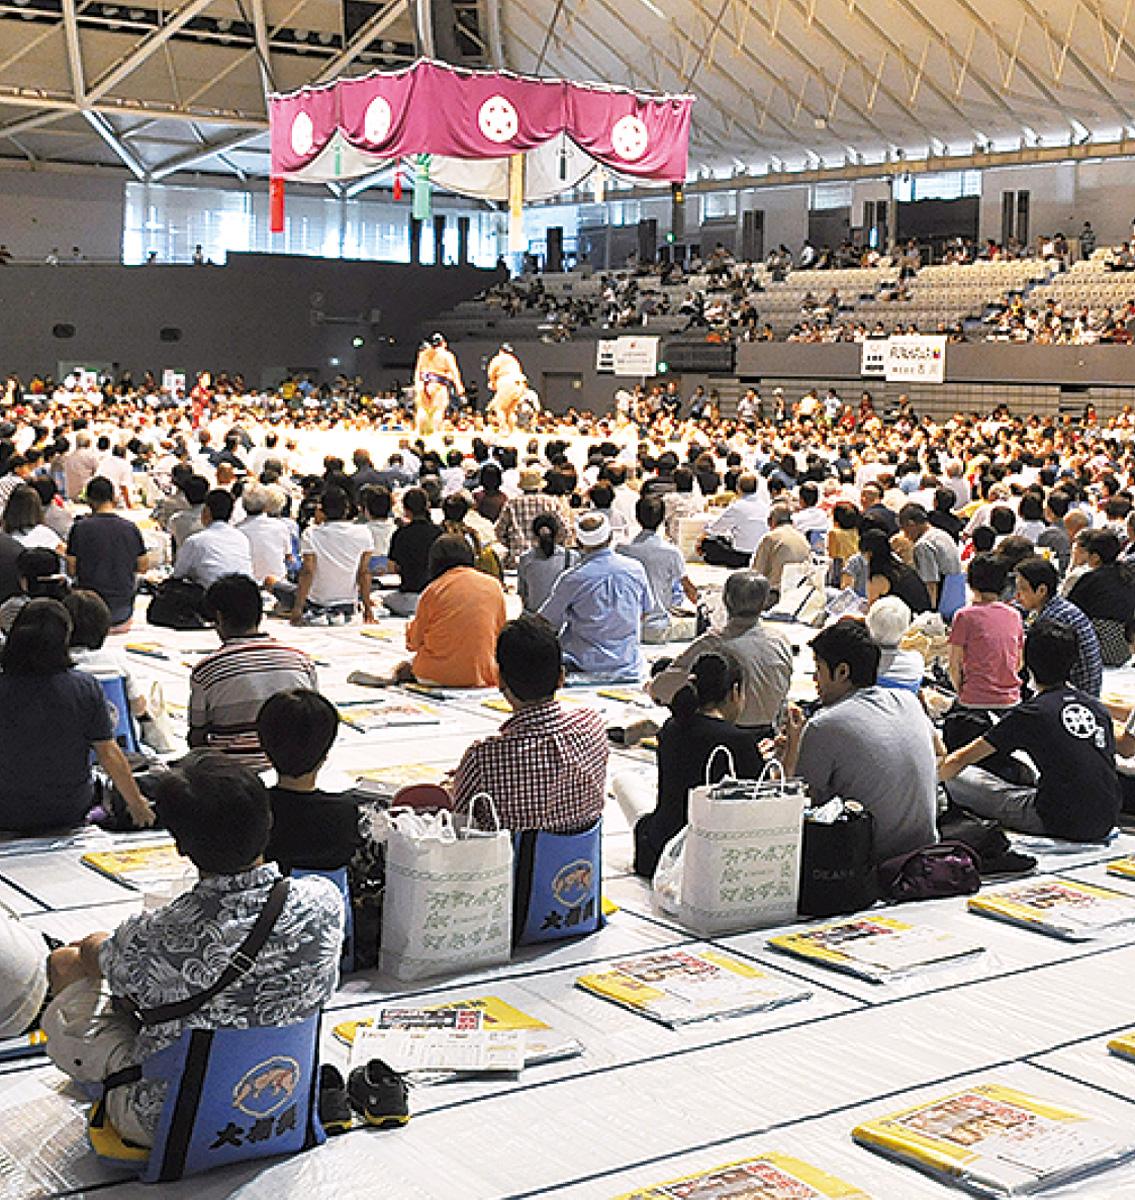 沸いた、2年目の夏巡業 大相撲小田原場所に3500人 | 小田原・箱根 ...